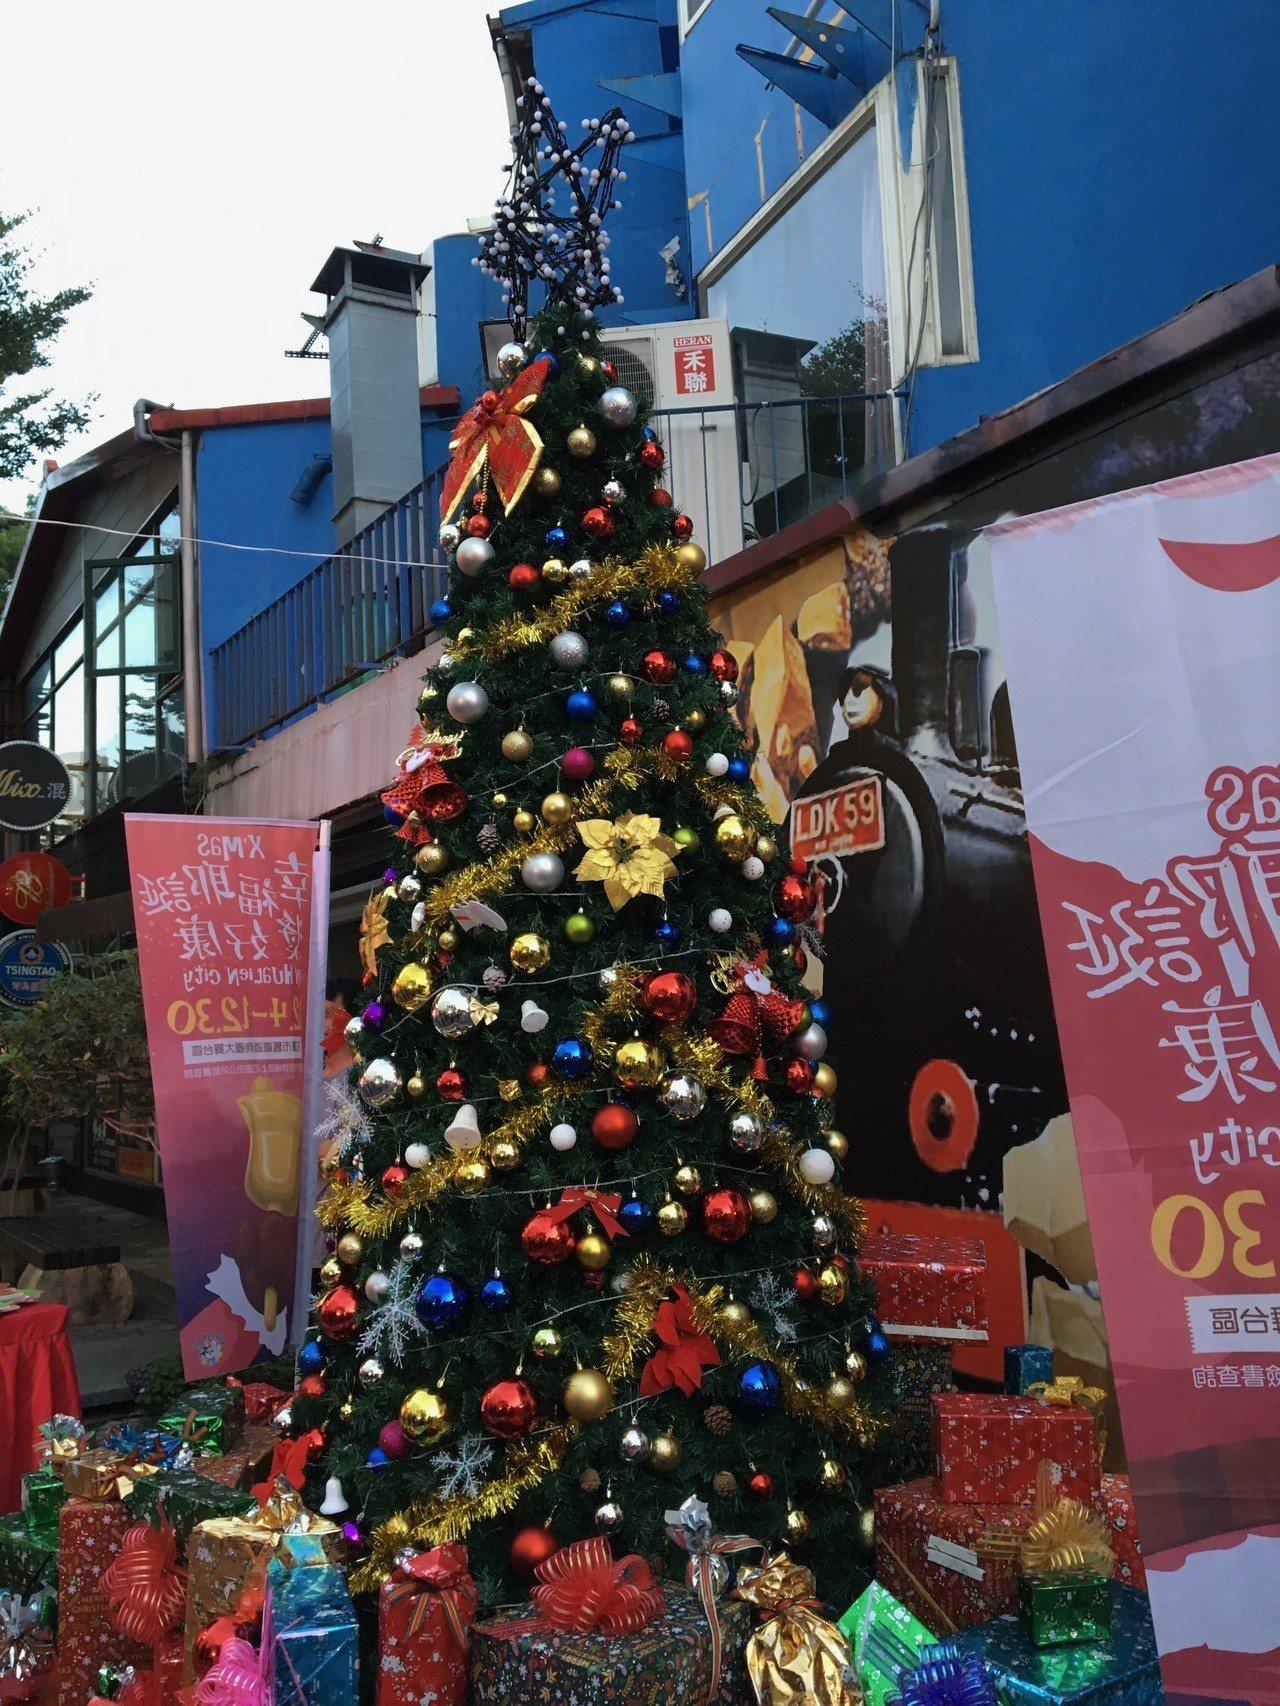 拍下舊鐵道商圈大舞台區的耶誕樹,上傳至花蓮市公所FB粉絲專頁,並TAG三名好友並...